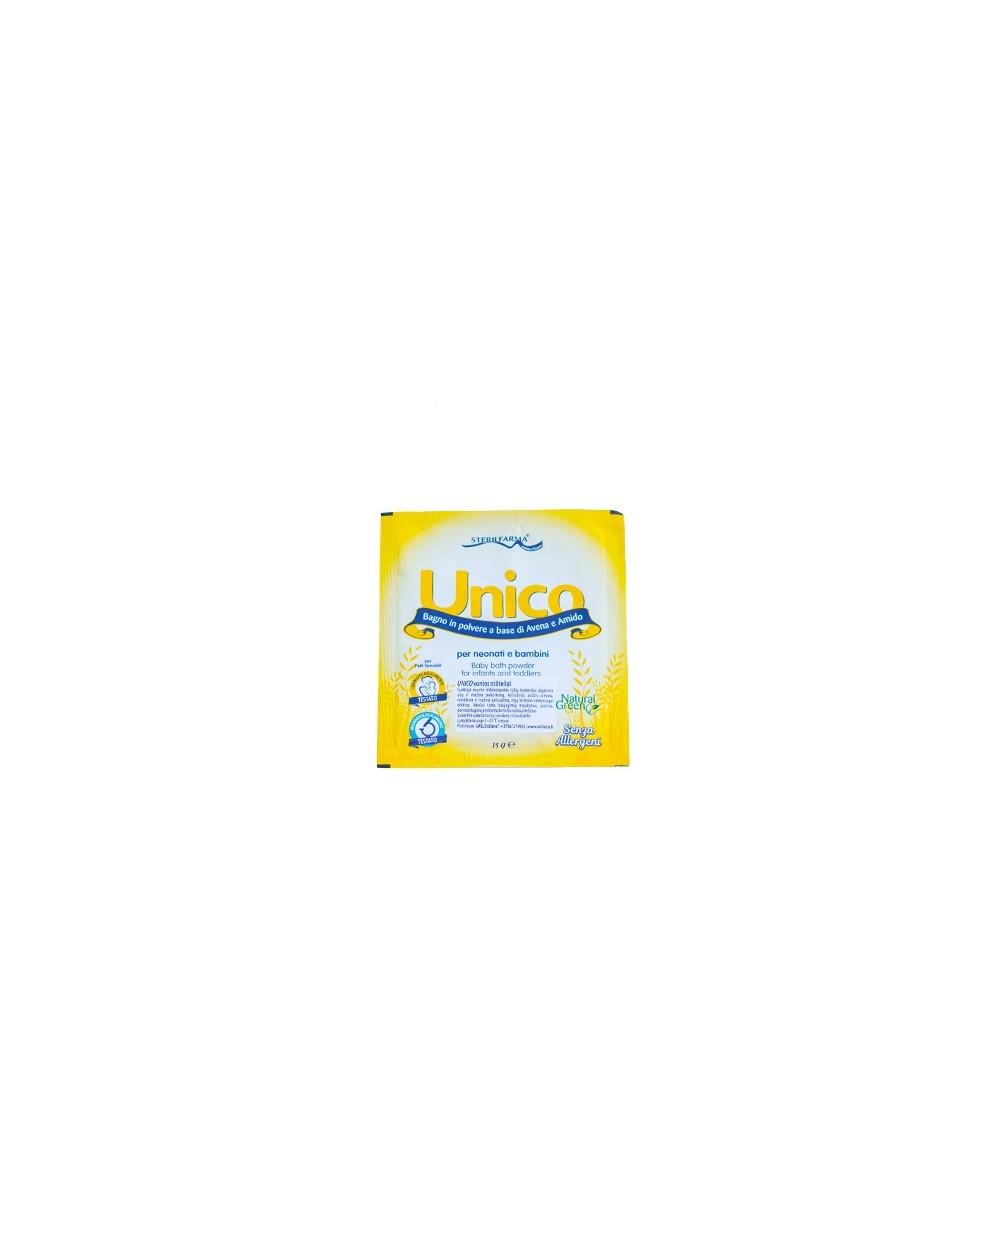 UNICO vonios milteliai, 15 g